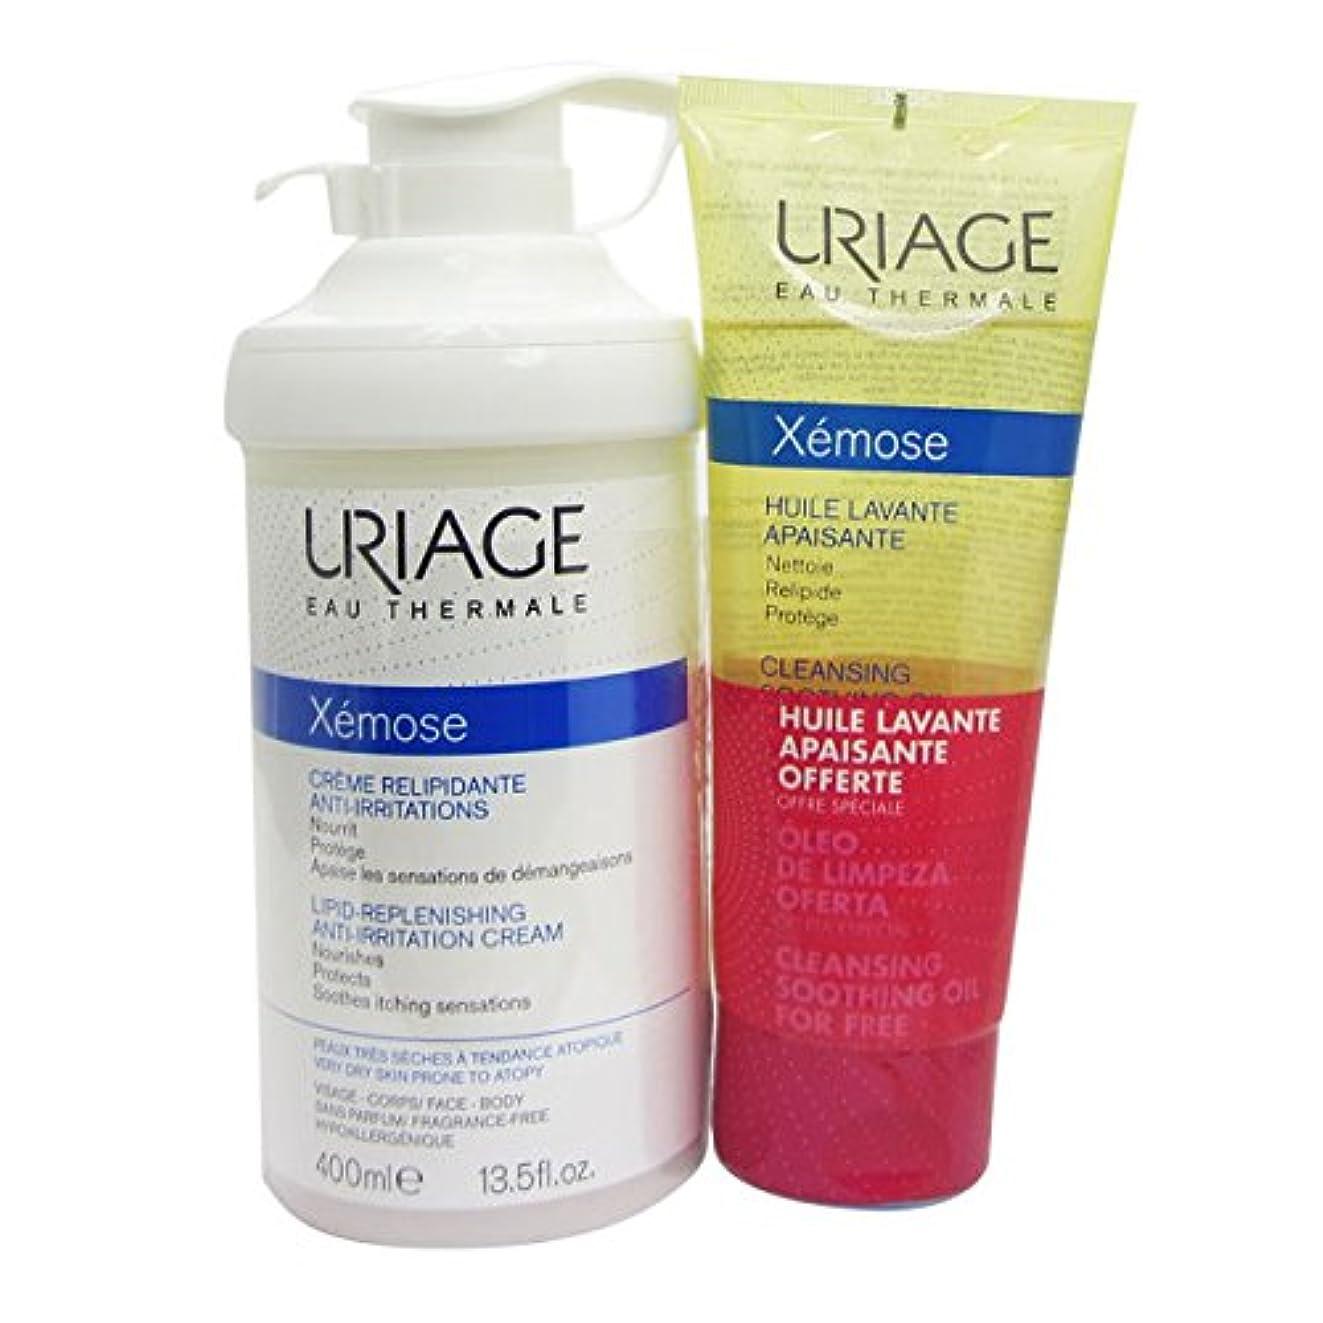 移民死傷者寛大なUriage Xémose Pack Universal Emollient Cream 400ml + Gift Cleansing Oil